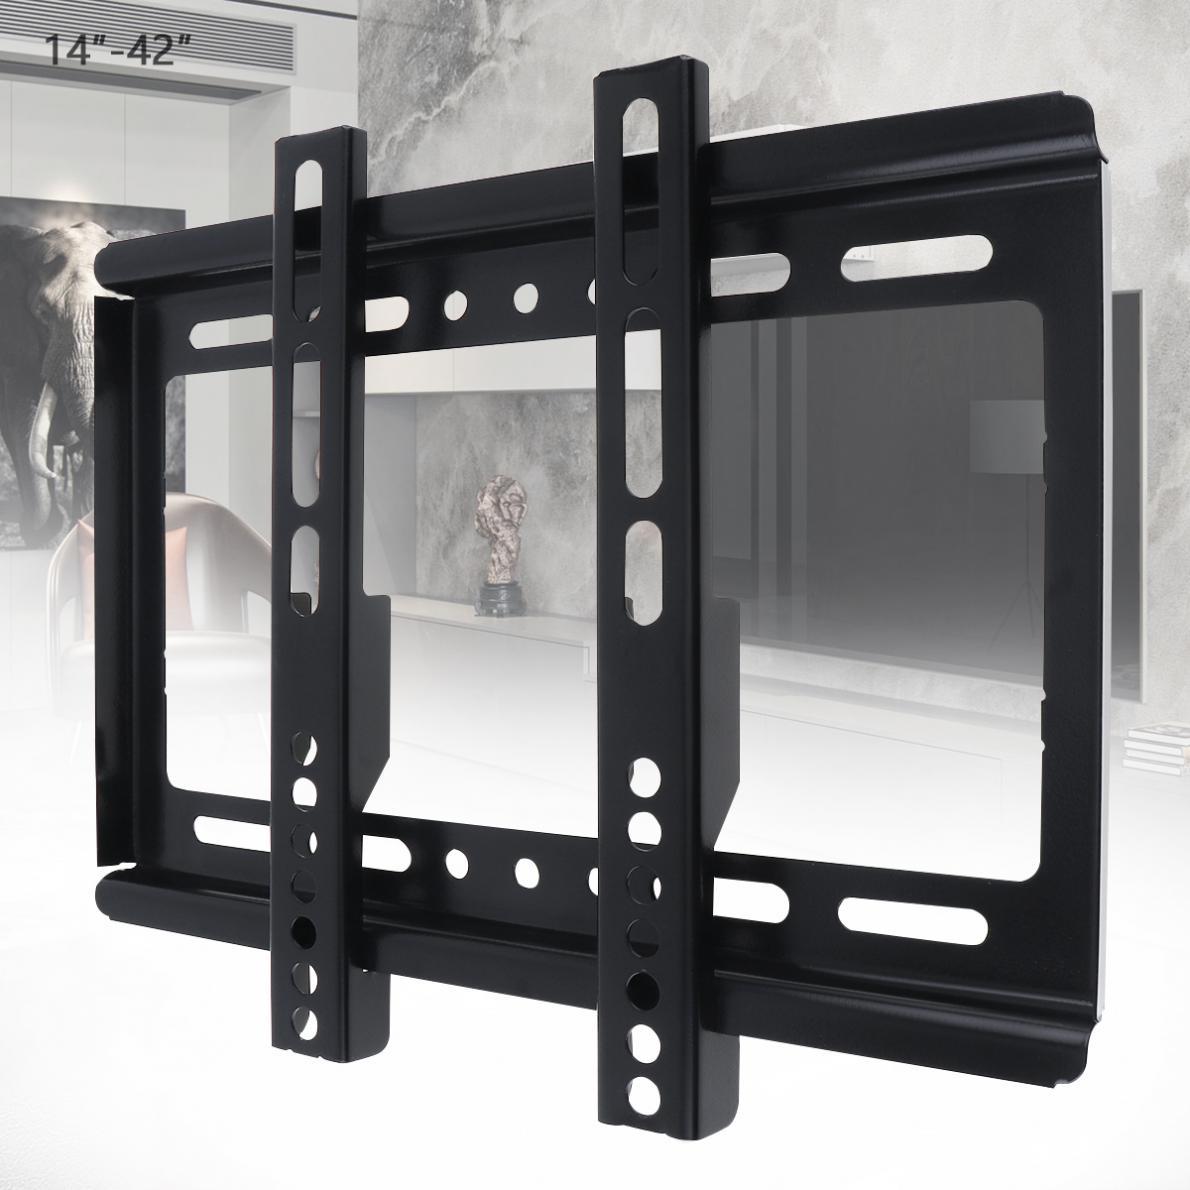 Универсальный тонкий 25кг 14 42 дюймовый настенный кронштейн для телевизора плоская панель Рамка для телевизора с градиентом для ЖК дисплея светодиодный плоский мониторКронштейны для ТВ    АлиЭкспресс